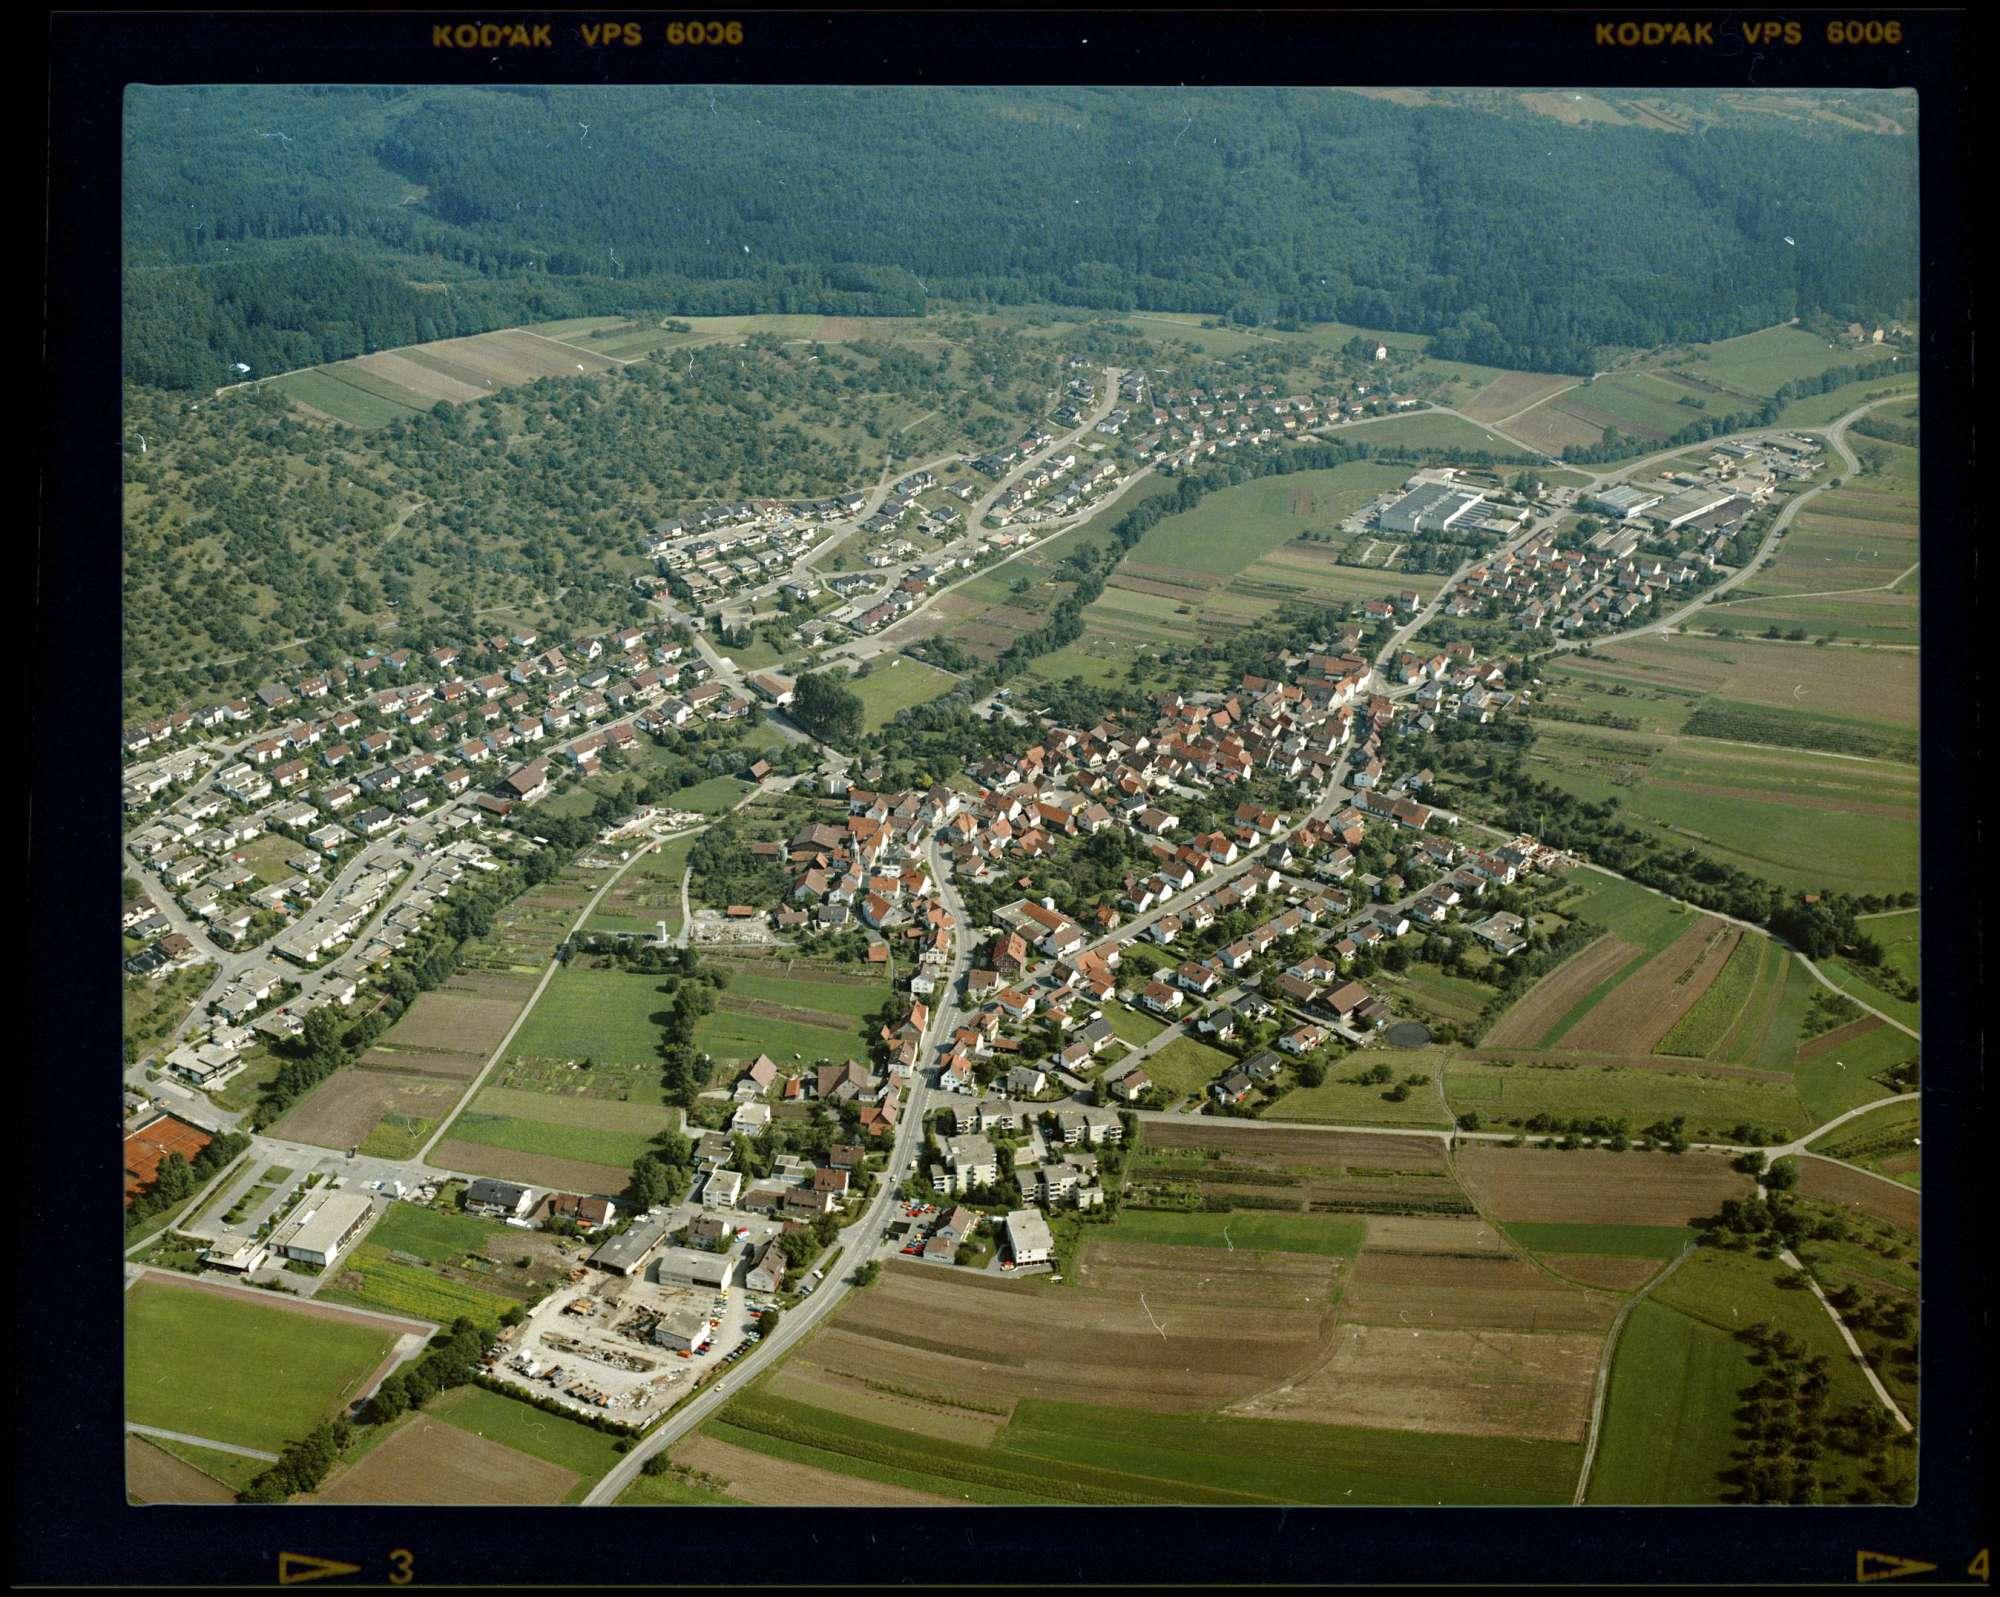 Birkmannsweiler, Luftbild, Bild 1